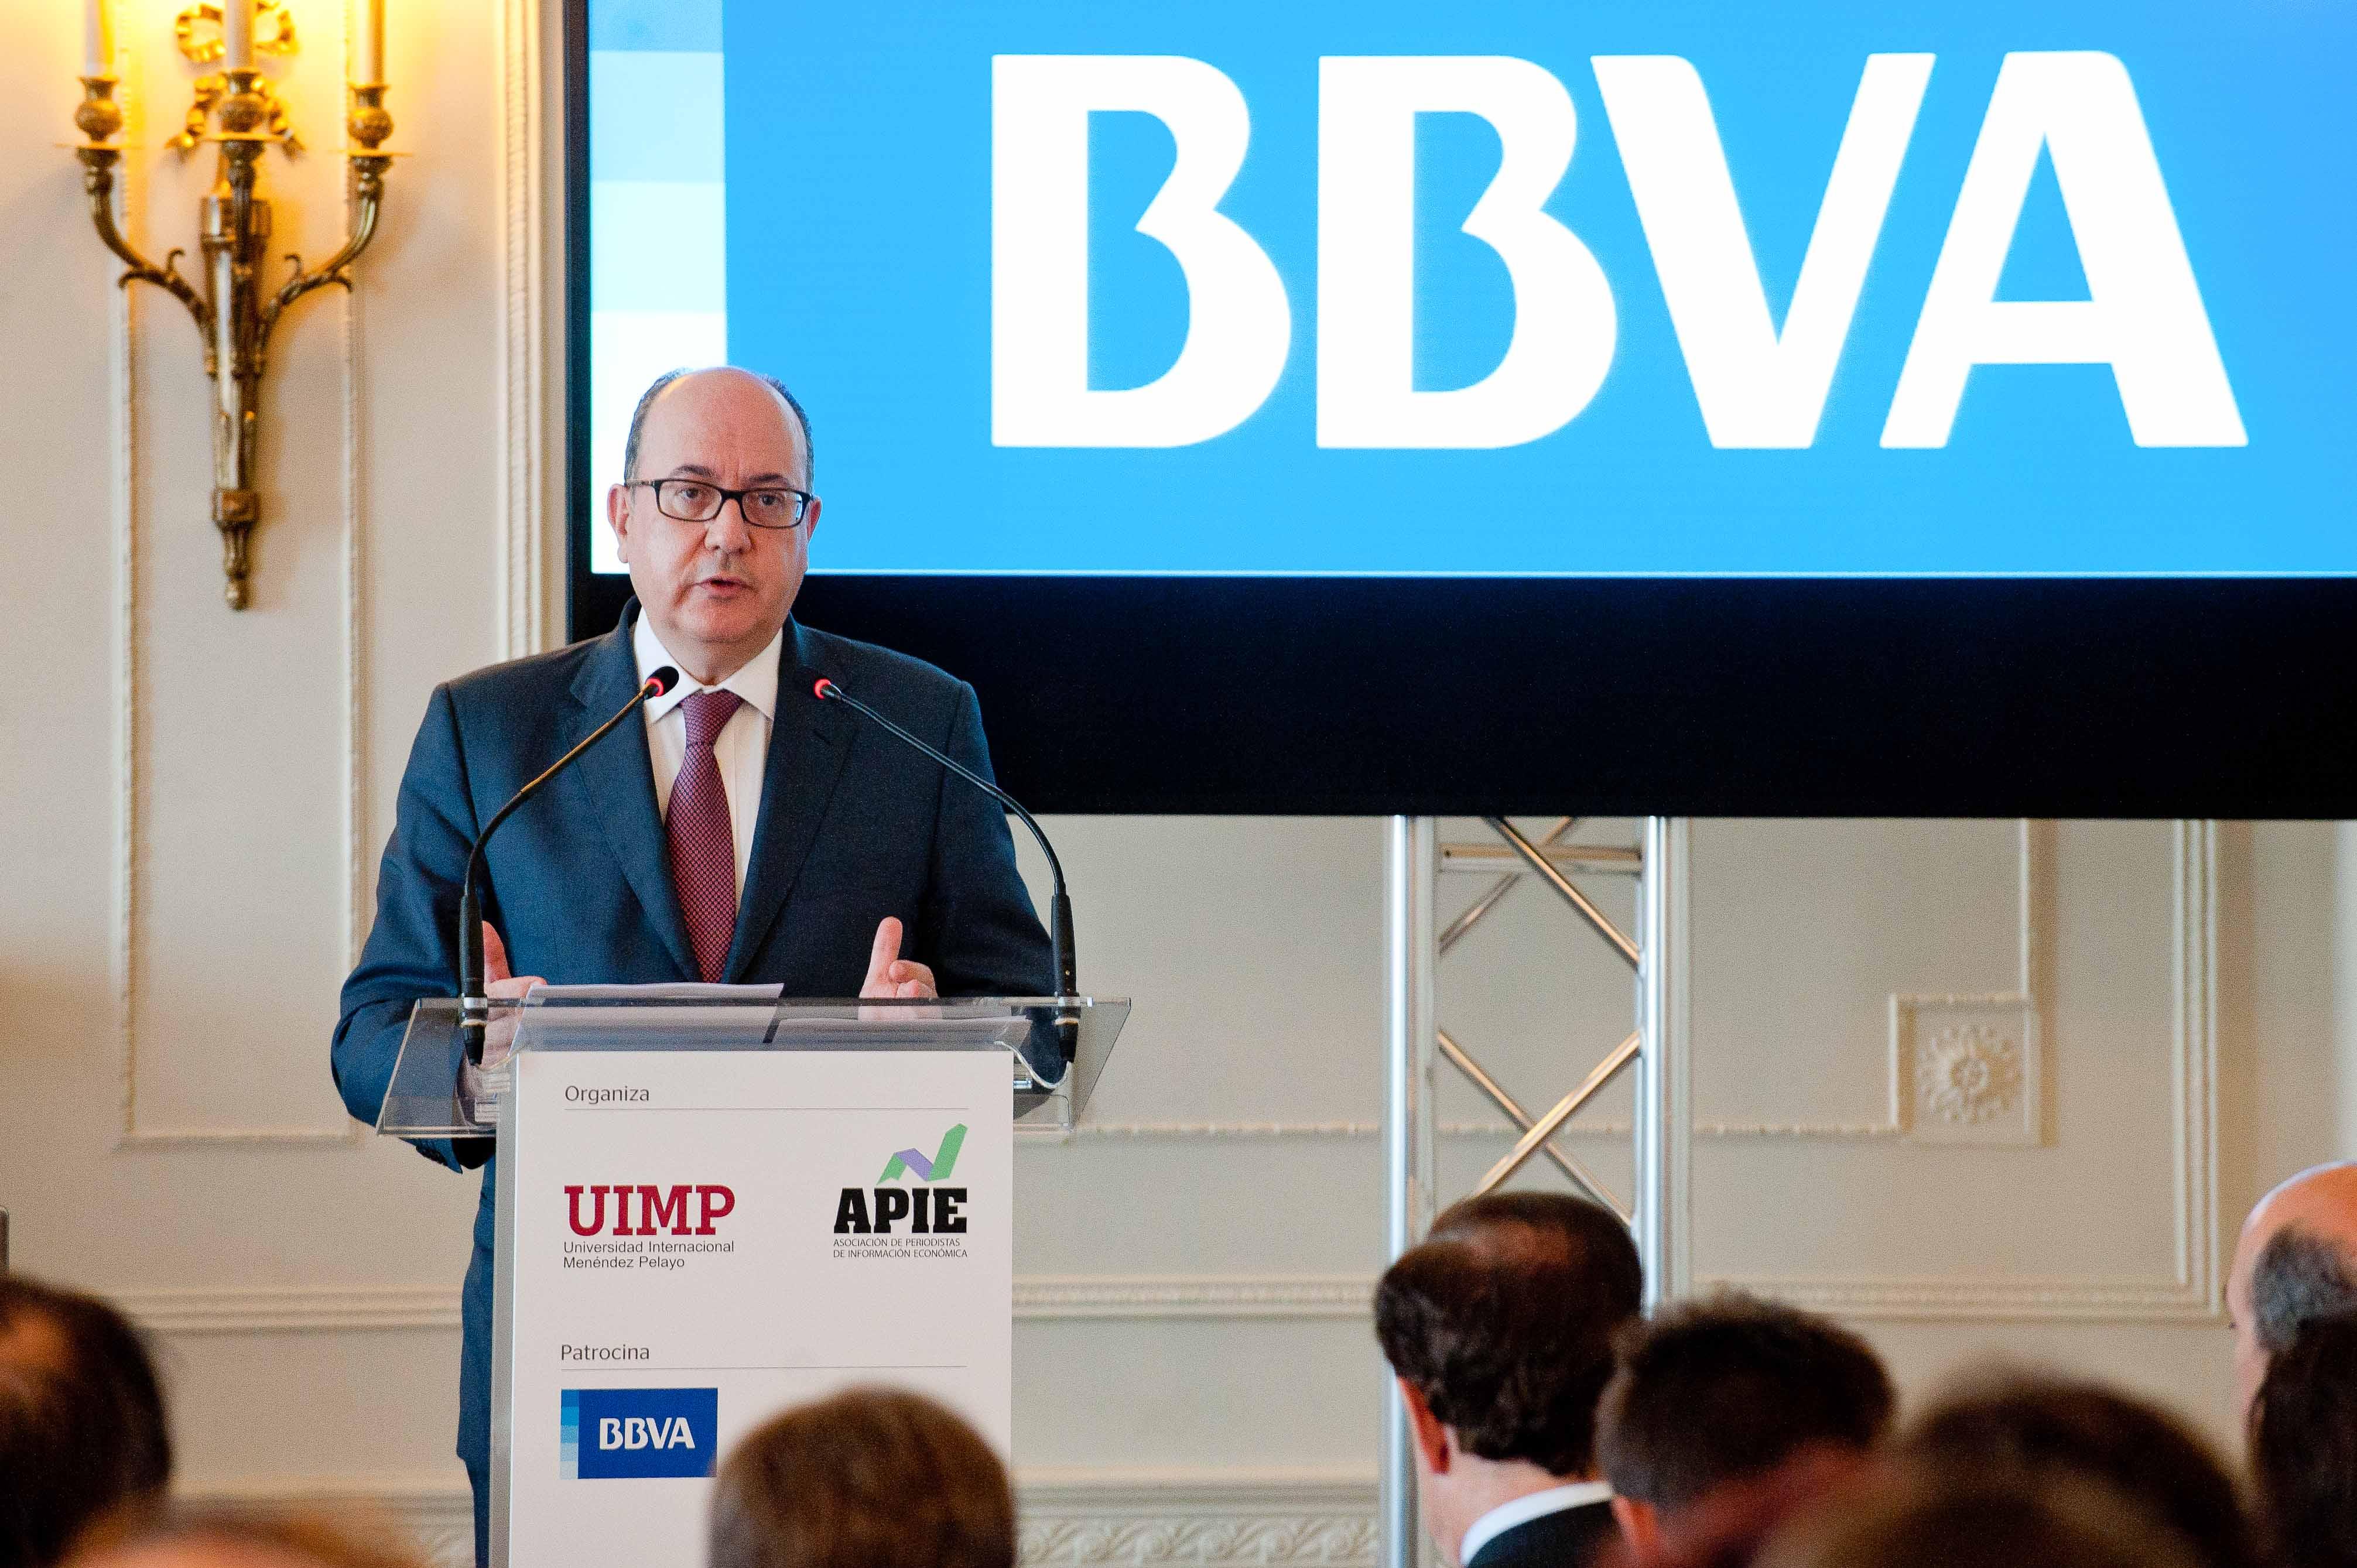 Jose María Roldán, presidente de la Asociación Española de Banca (AEB) durante su intervención en el curso de verano organizado por la APIE en la Universidad Menéndez Pelayo de Santander.